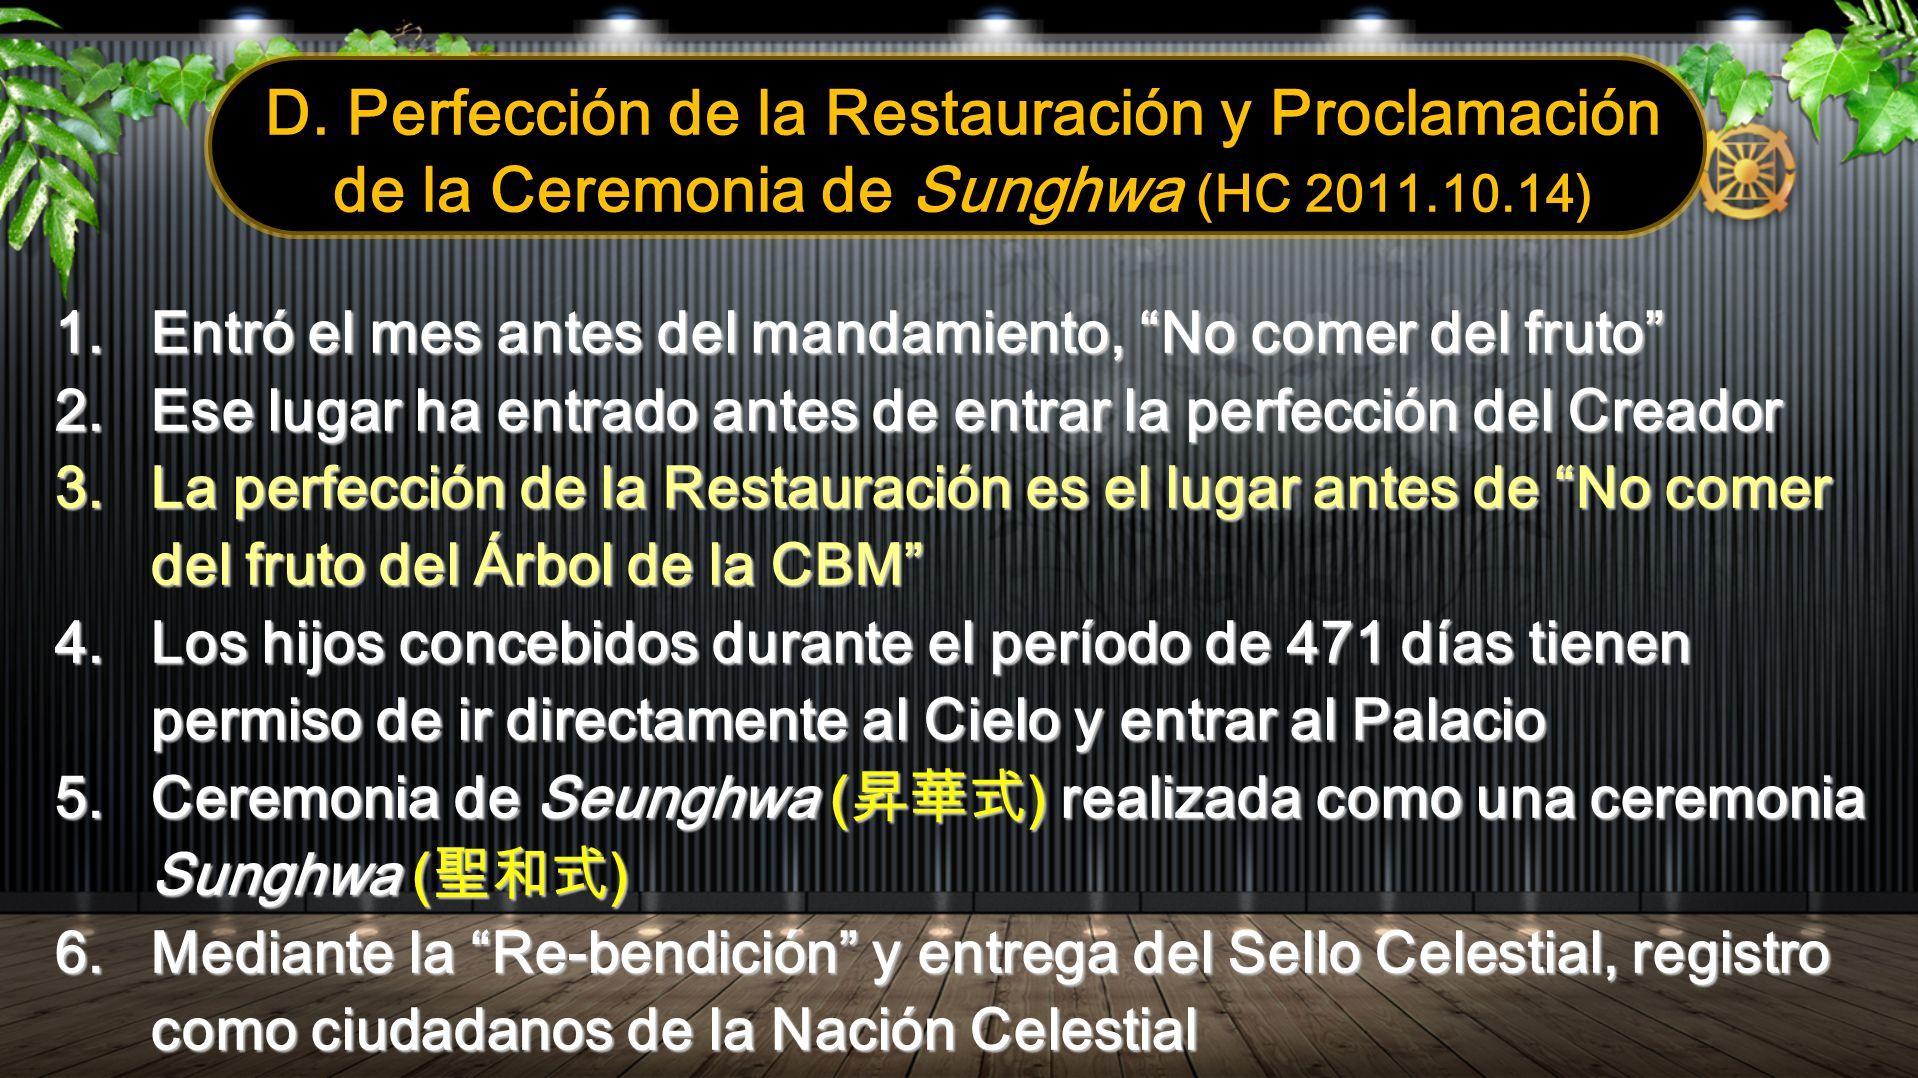 D. Perfección de la Restauración y Proclamación de la Ceremonia de Sunghwa (HC 2011.10.14) 1.Entró el mes antes del mandamiento, No comer del fruto 2.